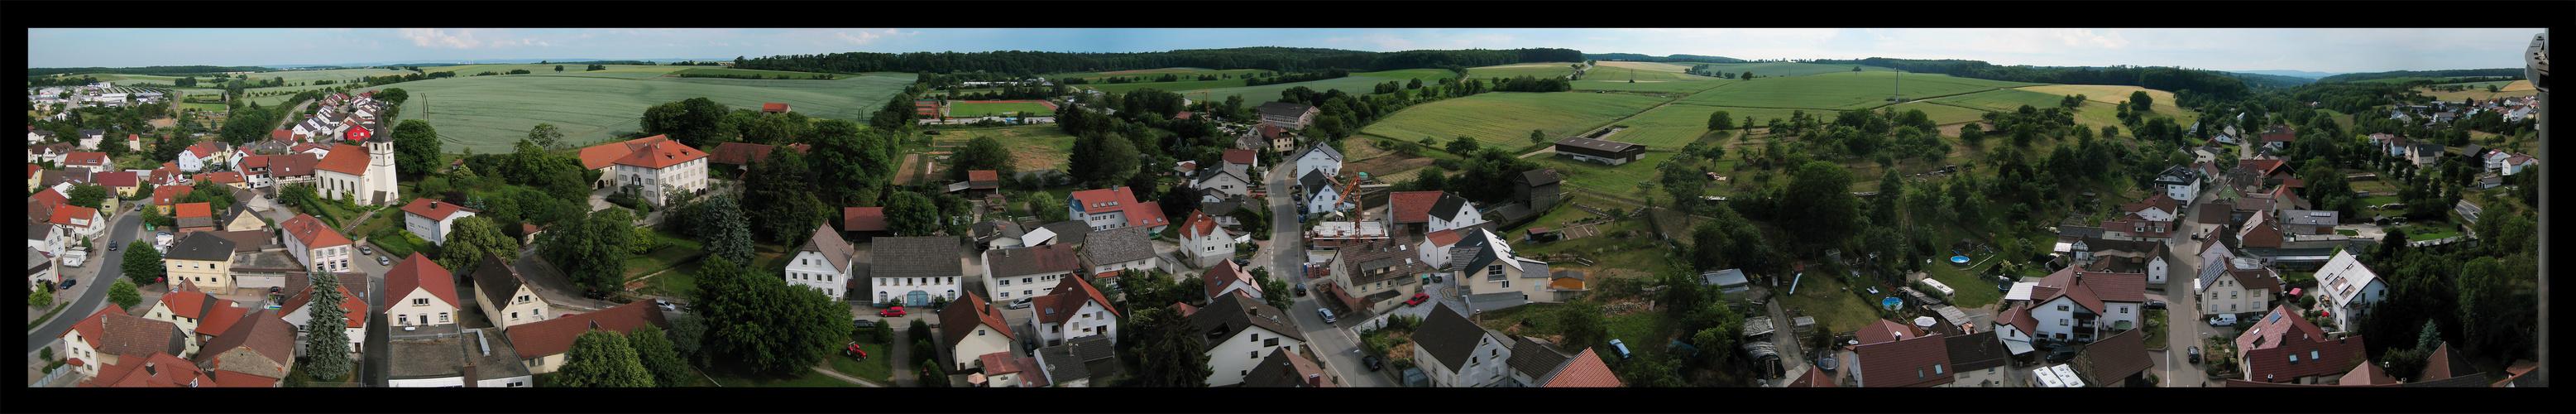 Where I´m at now.... oder: Obergimpern, der Nabel der Welt (LOL)